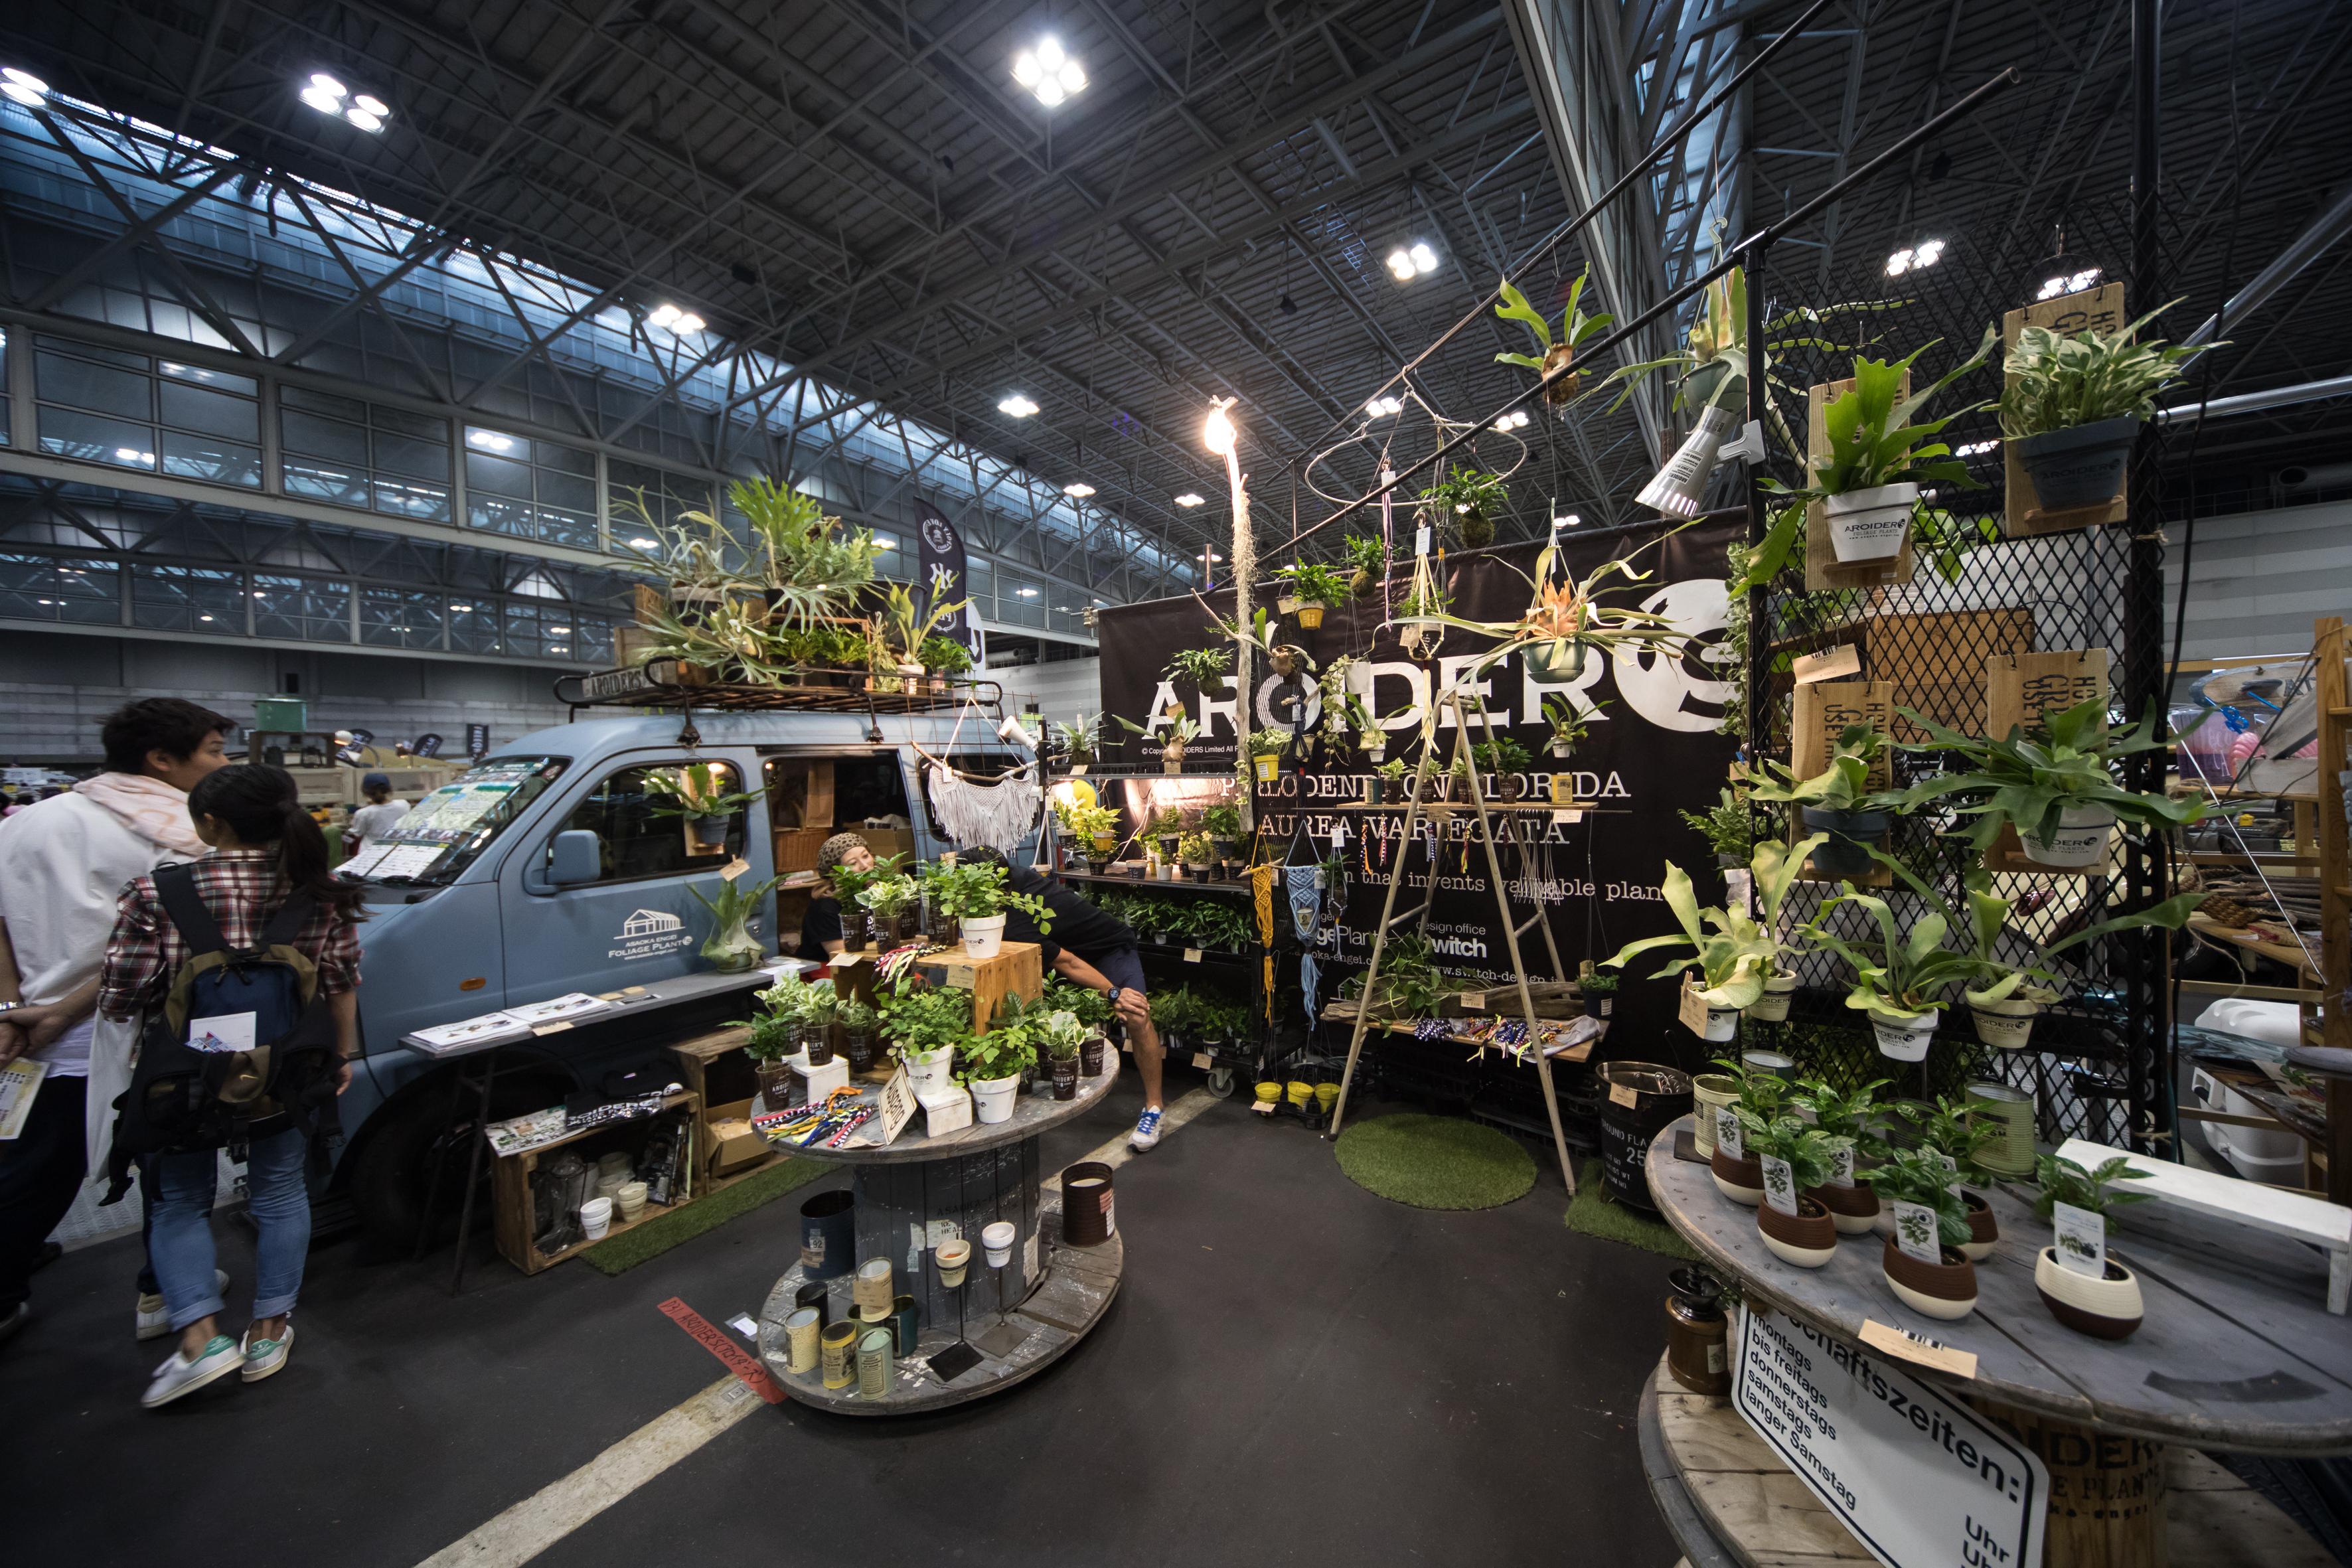 愛知県の観葉植物生産者・浅岡さんのブースです。「アロイダーズ」とは観葉植物のなかでも最もポピュラーなポトスを始め(サトイモ科植物=アロイド)サトイモ科植物の好きな人たちの集まり!!みたいなニュアンスの造語。観葉植物をビギナーでも失敗しない育て方、カッコイイ飾り方で提案してくれます。